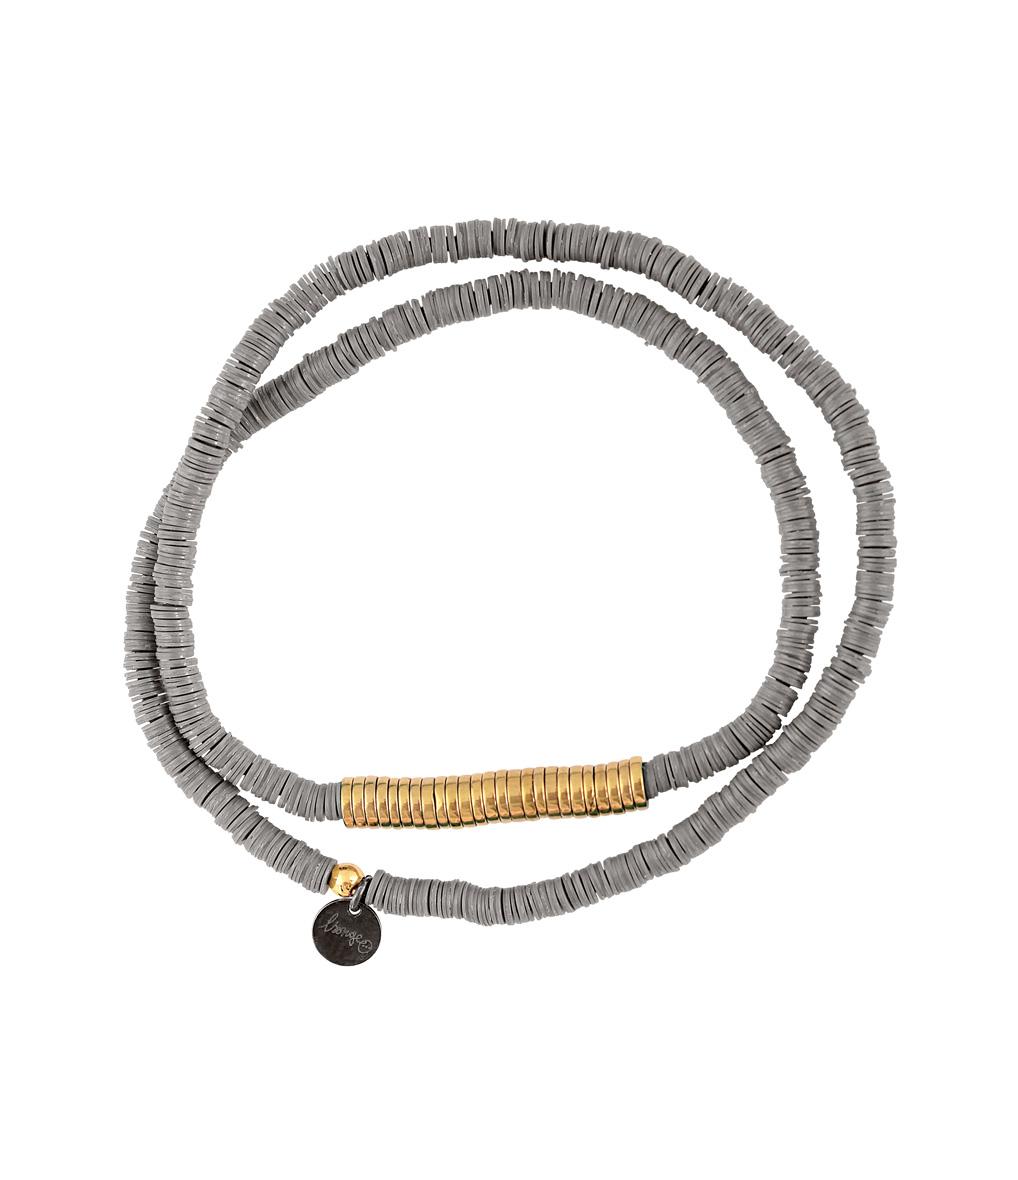 Bracelet Homme Zannot Long Gris/ Doré